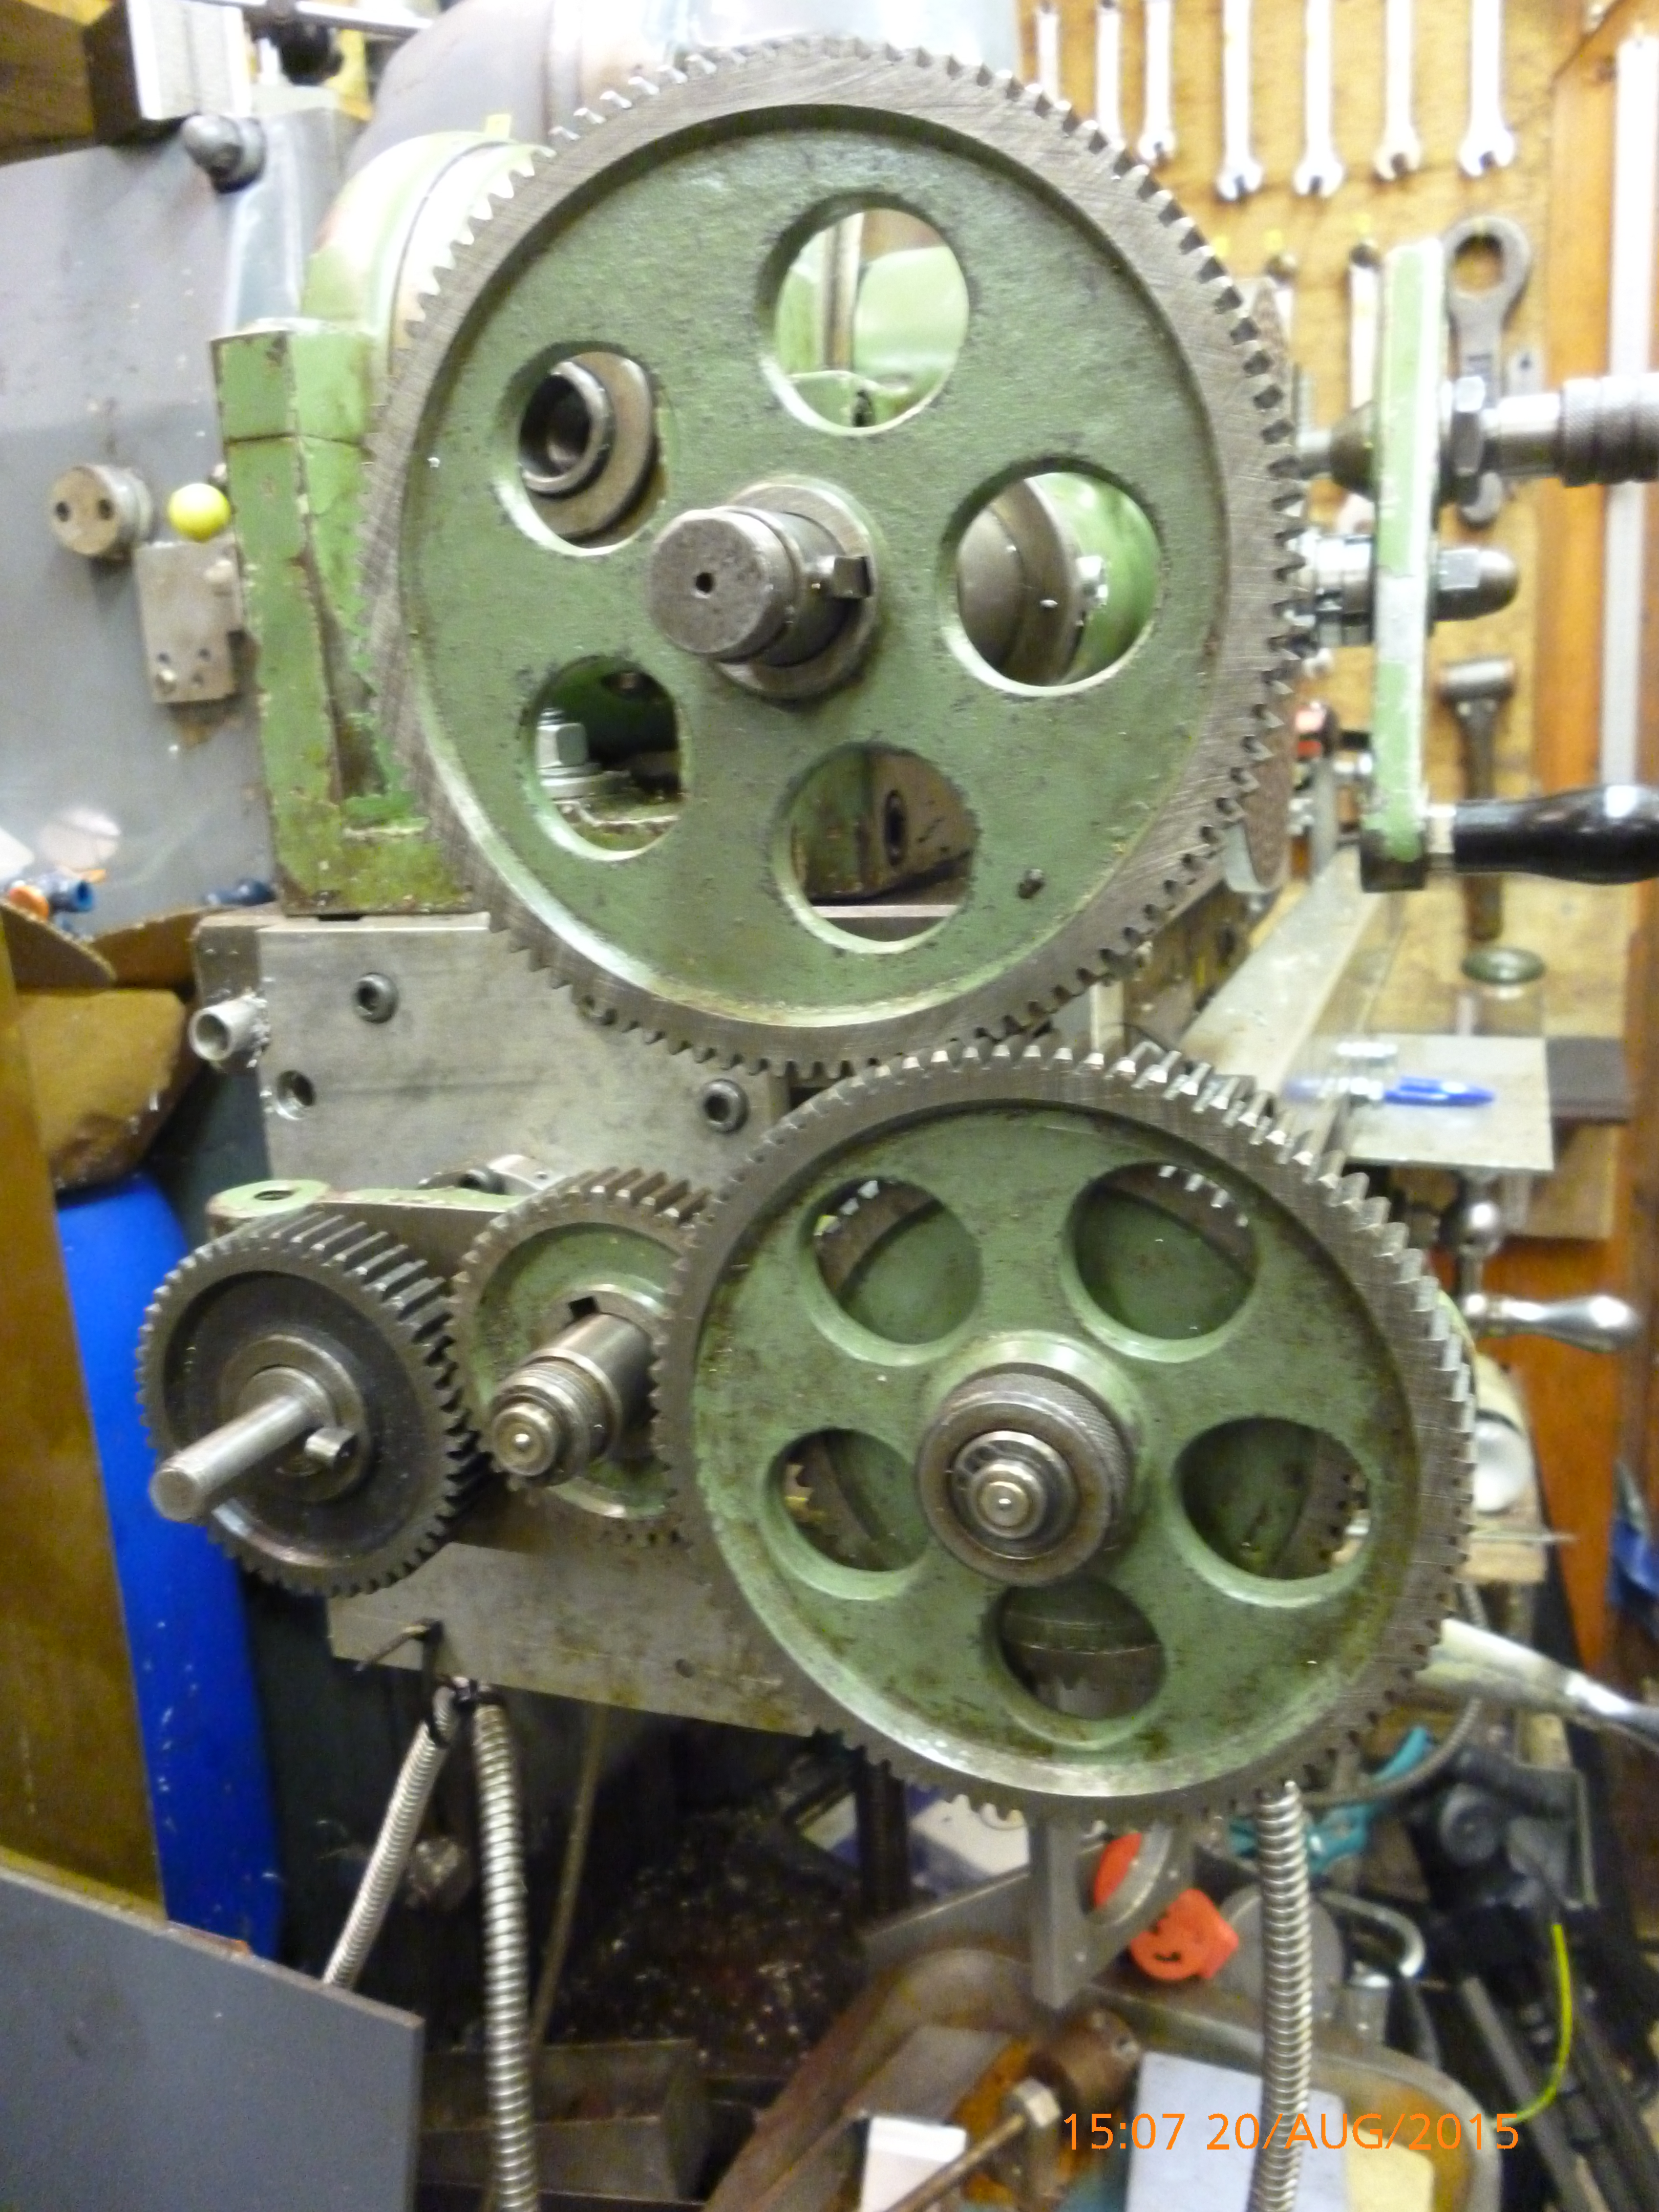 2474 gear train for cutting helical gear